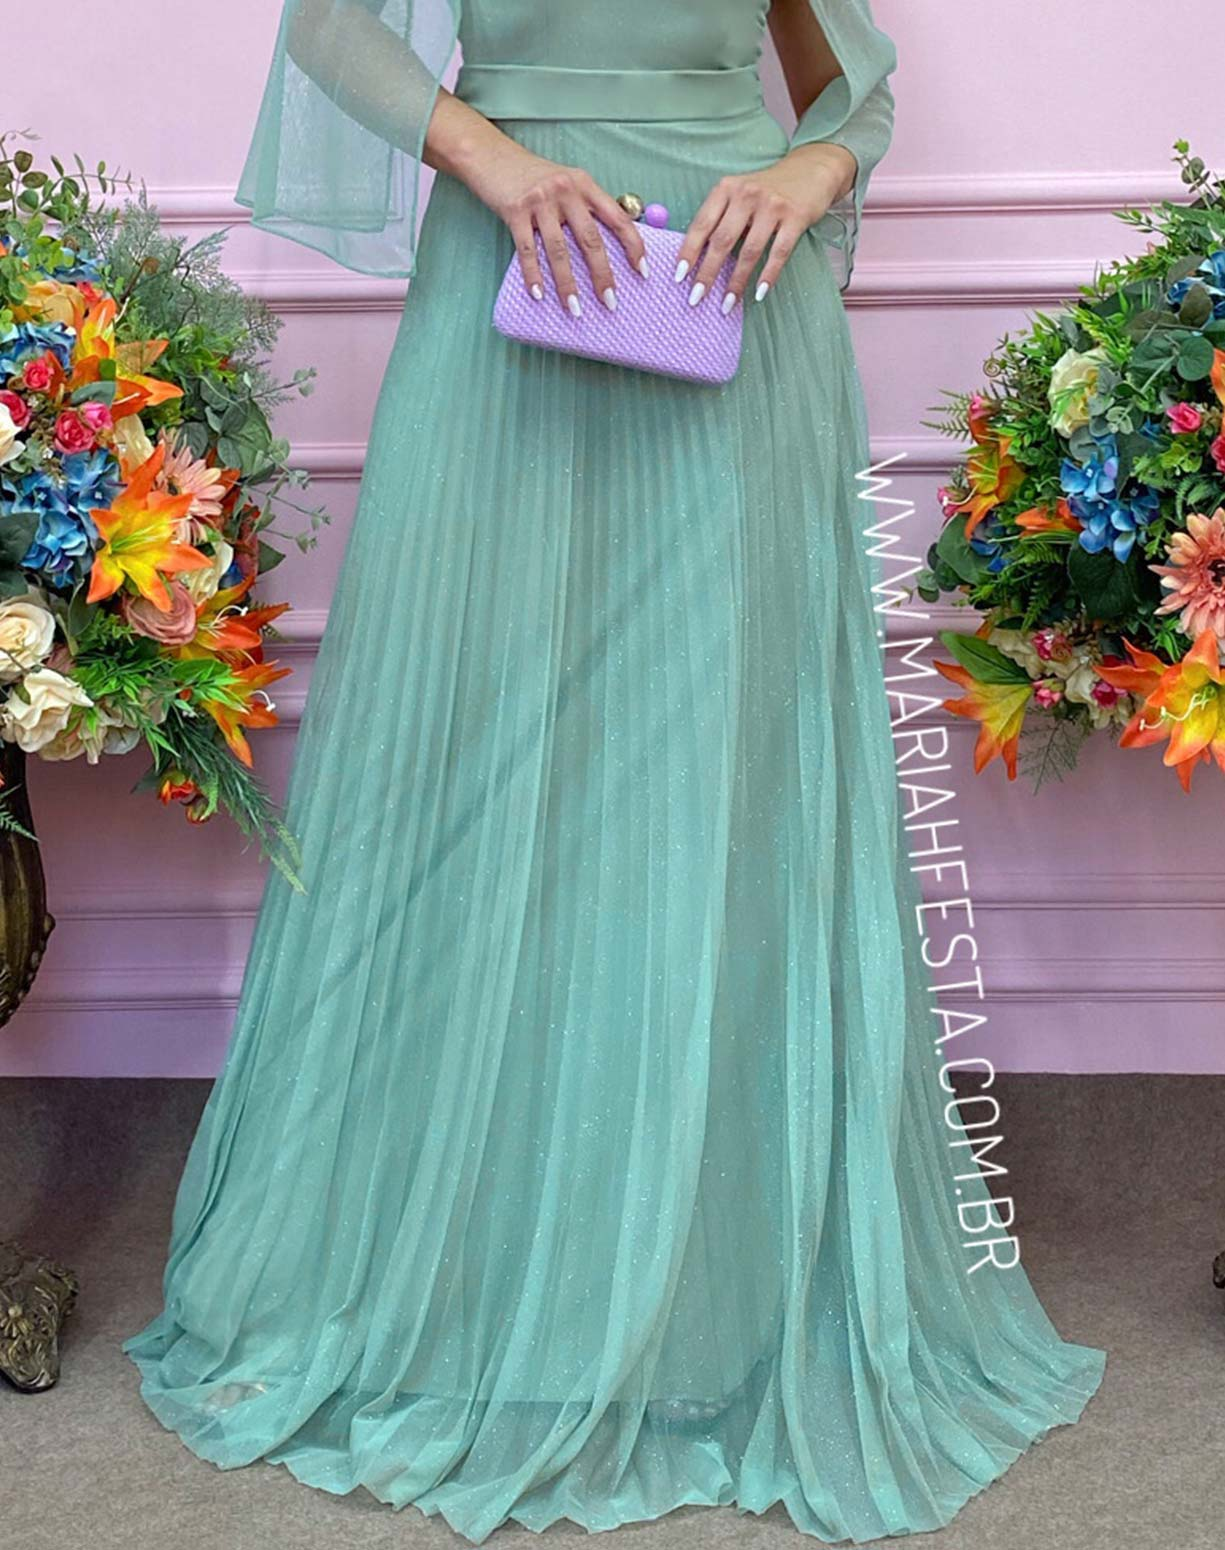 Vestido em Tule Glitter Verde Menta com Saia Plissada